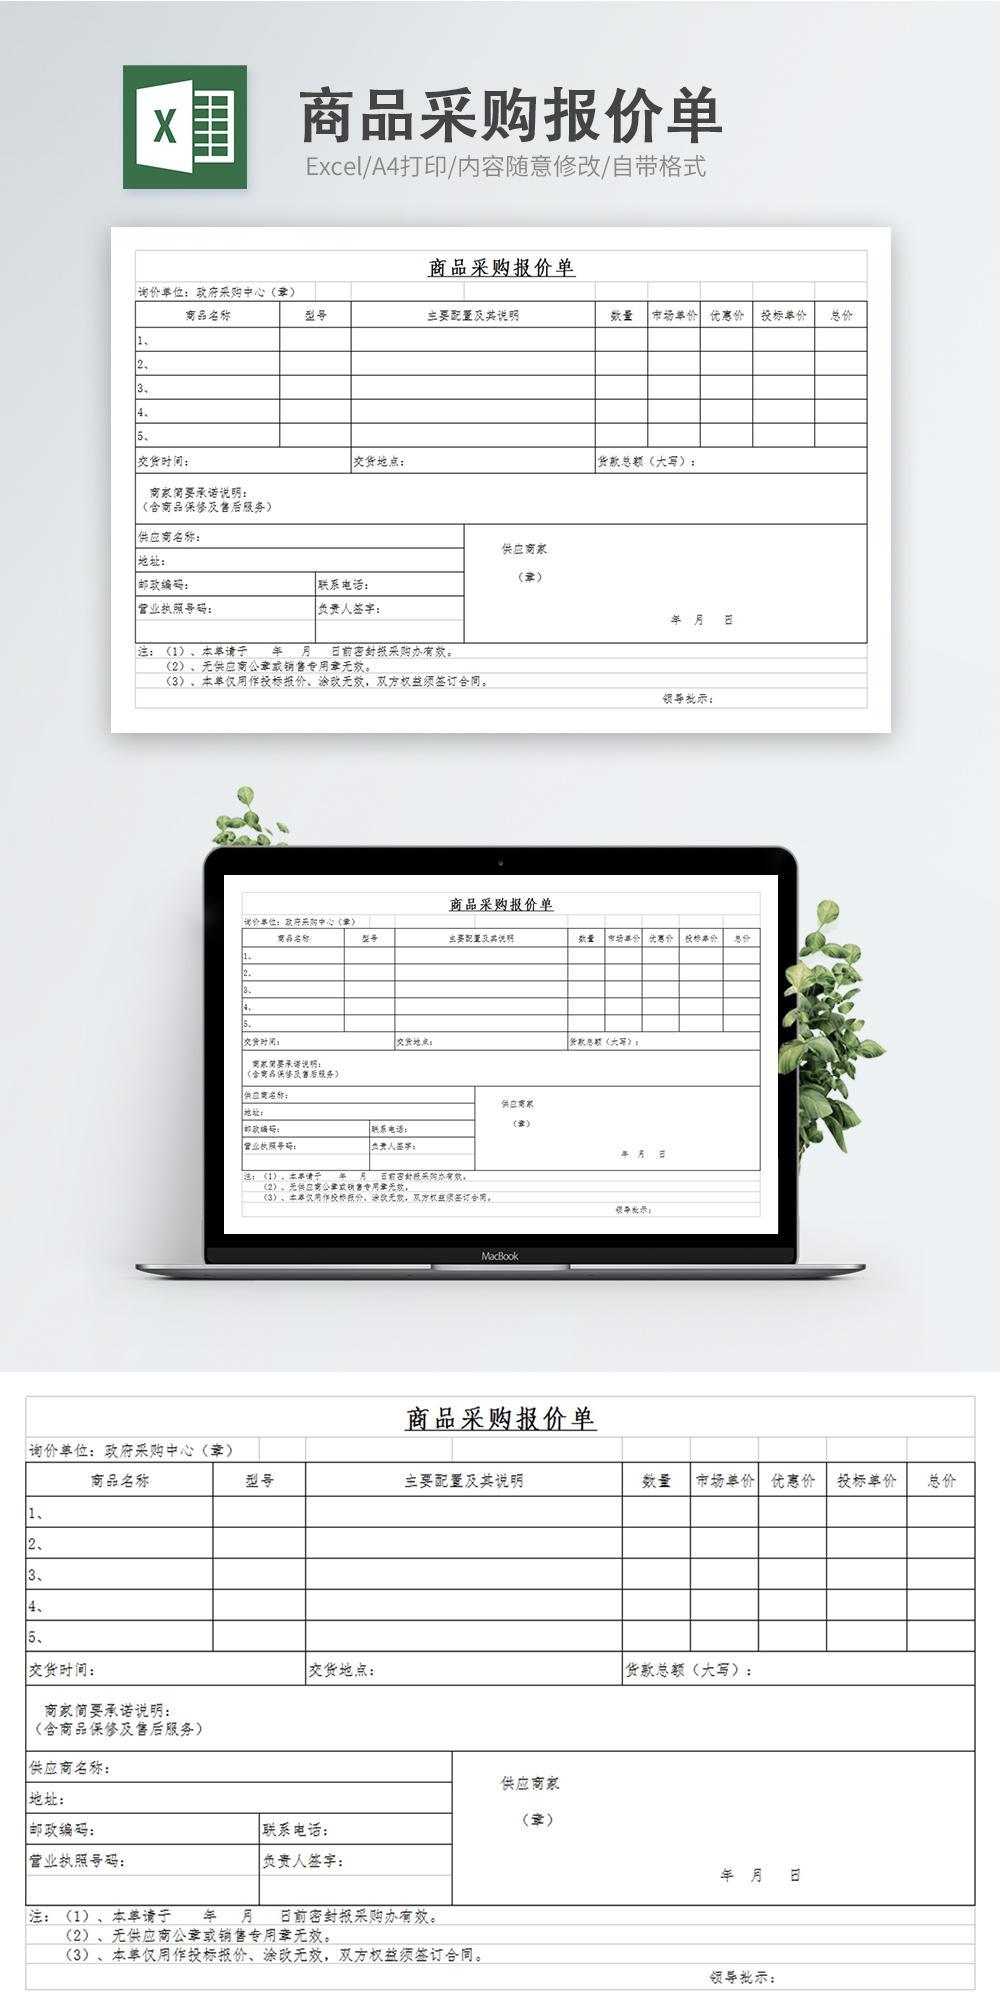 商品採購報價單 excel表格 | XLS 模板編號400145410 | zh.lovepik.com 表格下載